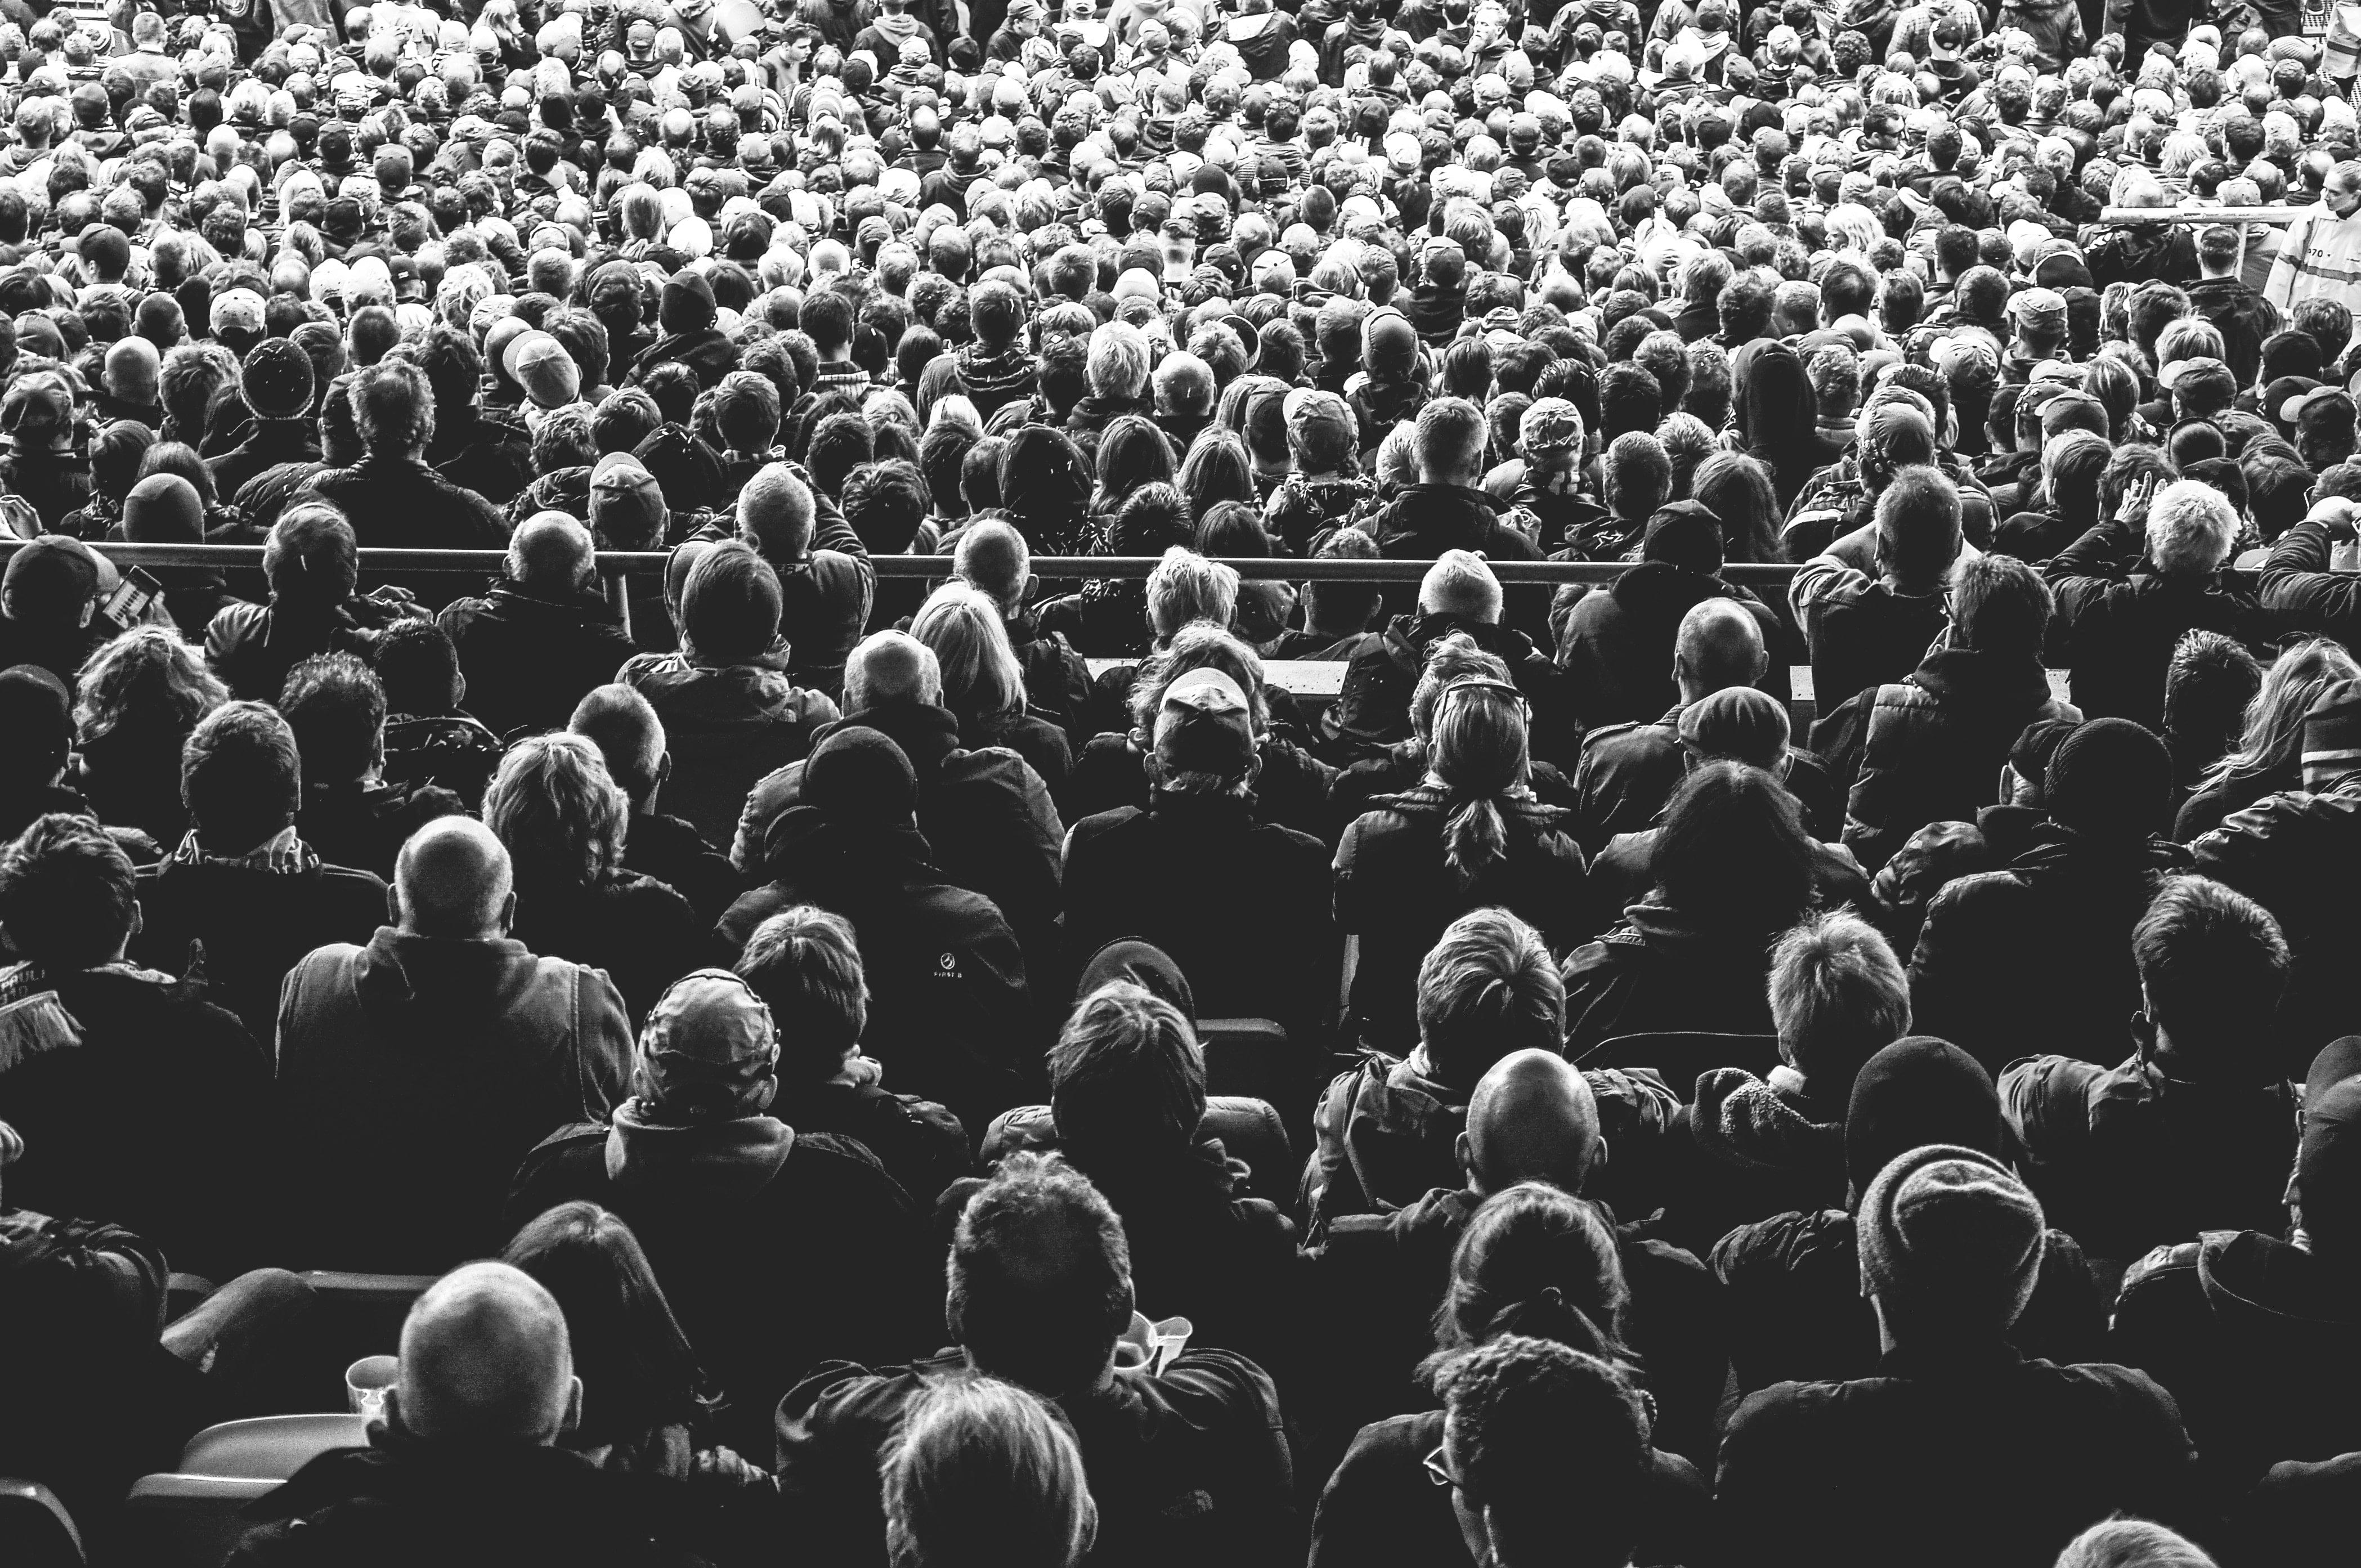 Podsumowanie konferencji pydata@warsaw 2017